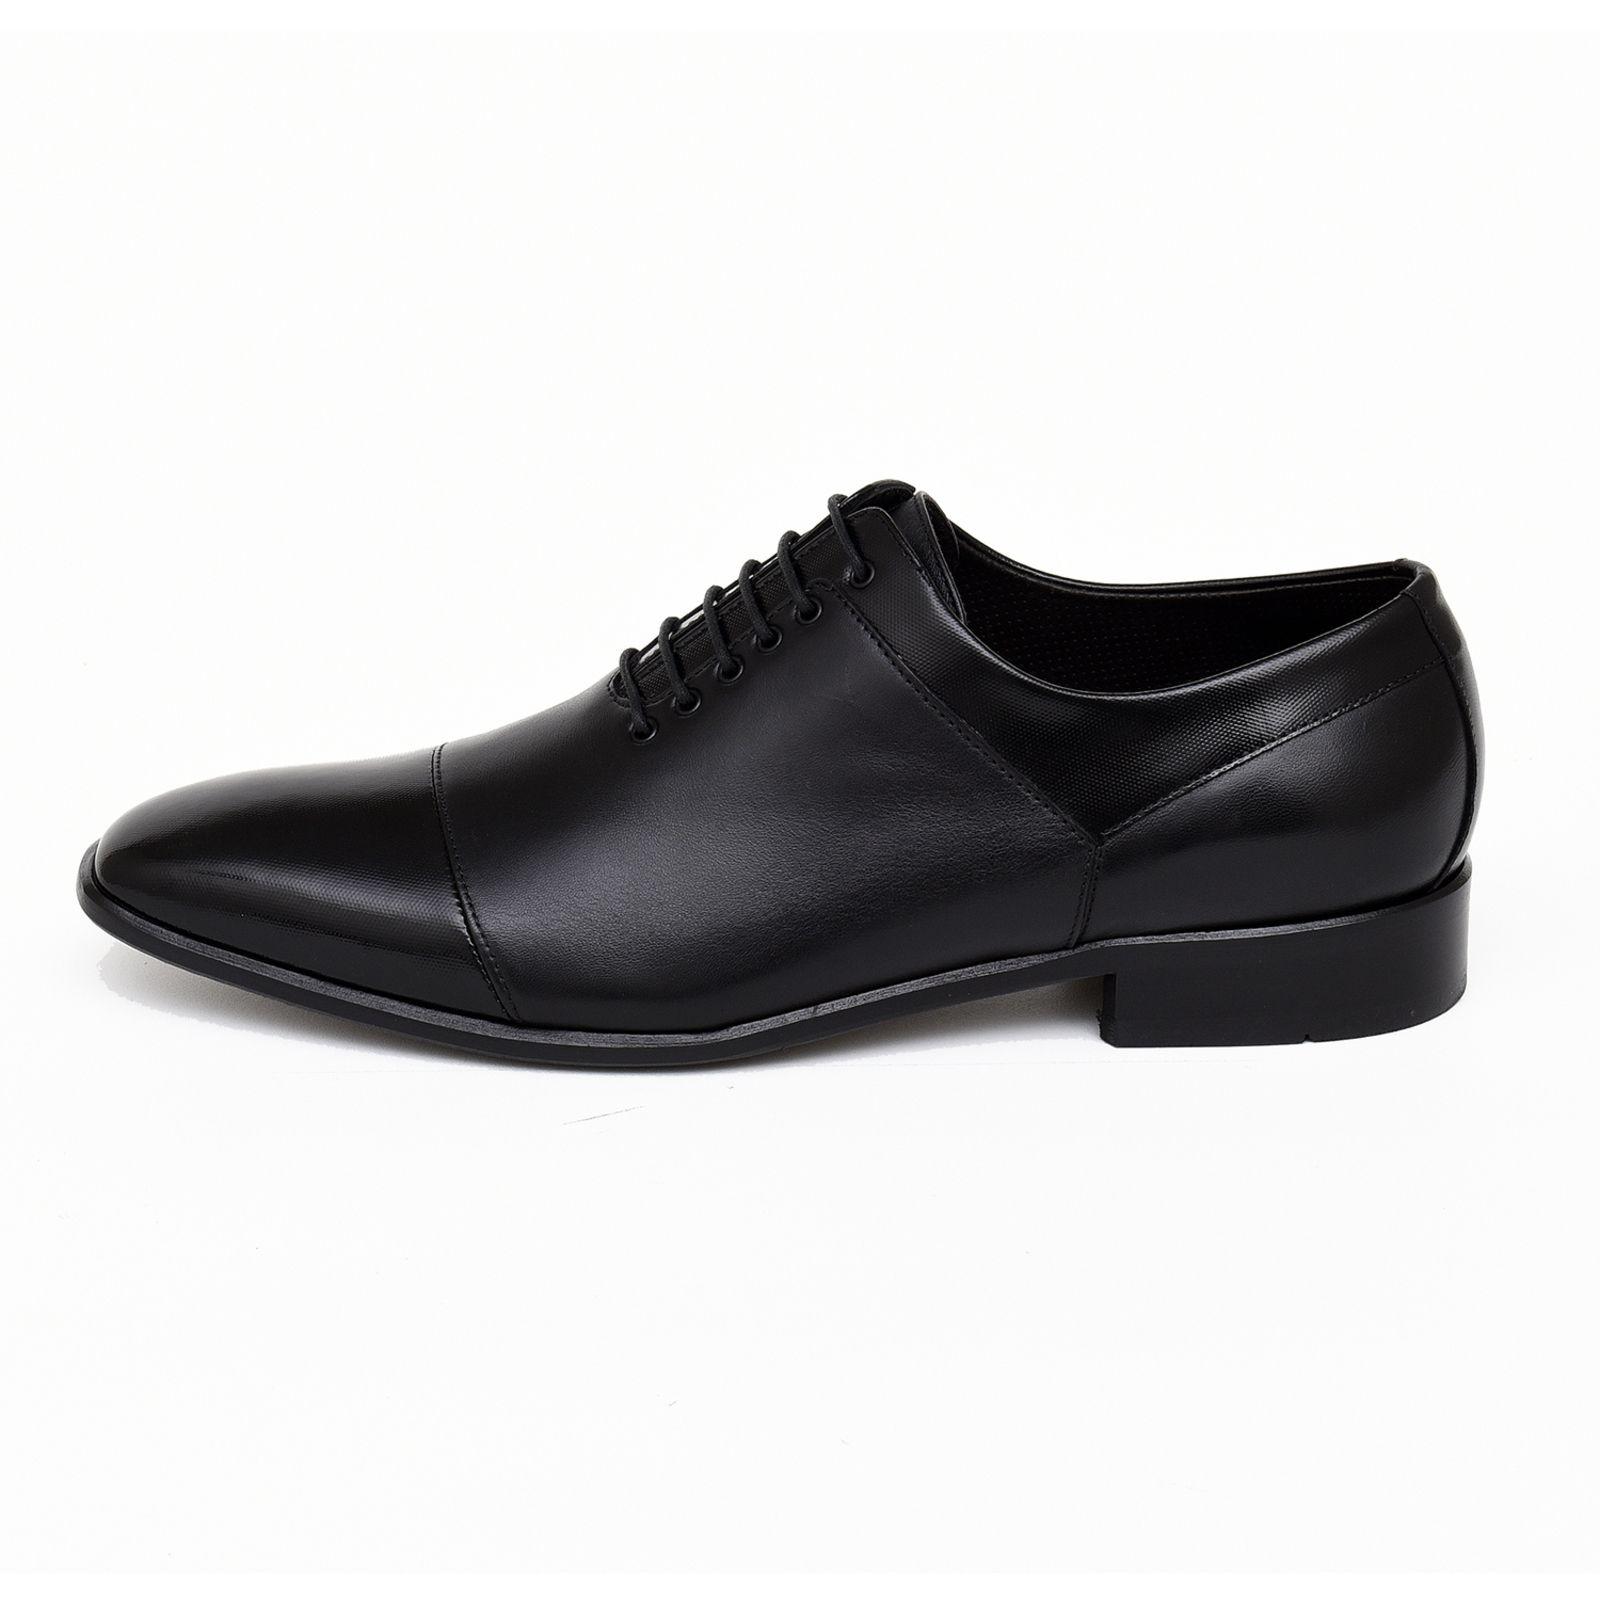 Sapato Social Jardini Linha Premium Preto | Sapatos sociais